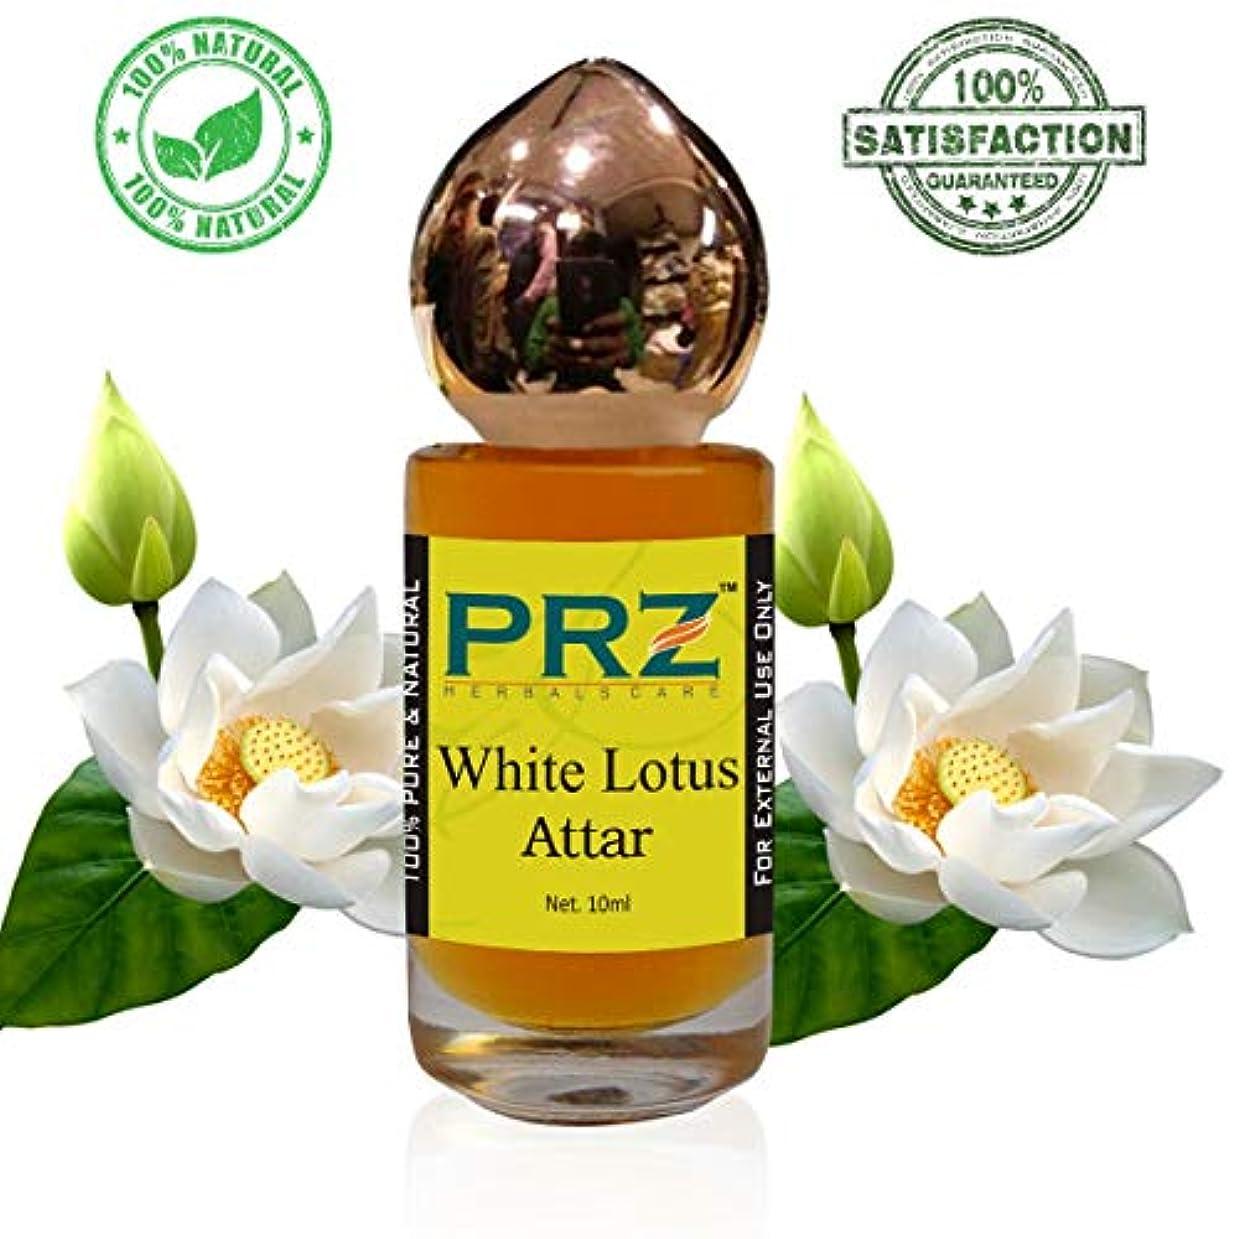 ユニセックスのためにホワイトロータスアターロールオン(10 ML) - ピュアナチュラルプレミアム品質の香水(ノンアルコール)|アターITRA最高品質の香水は、長期的なアタースプレー